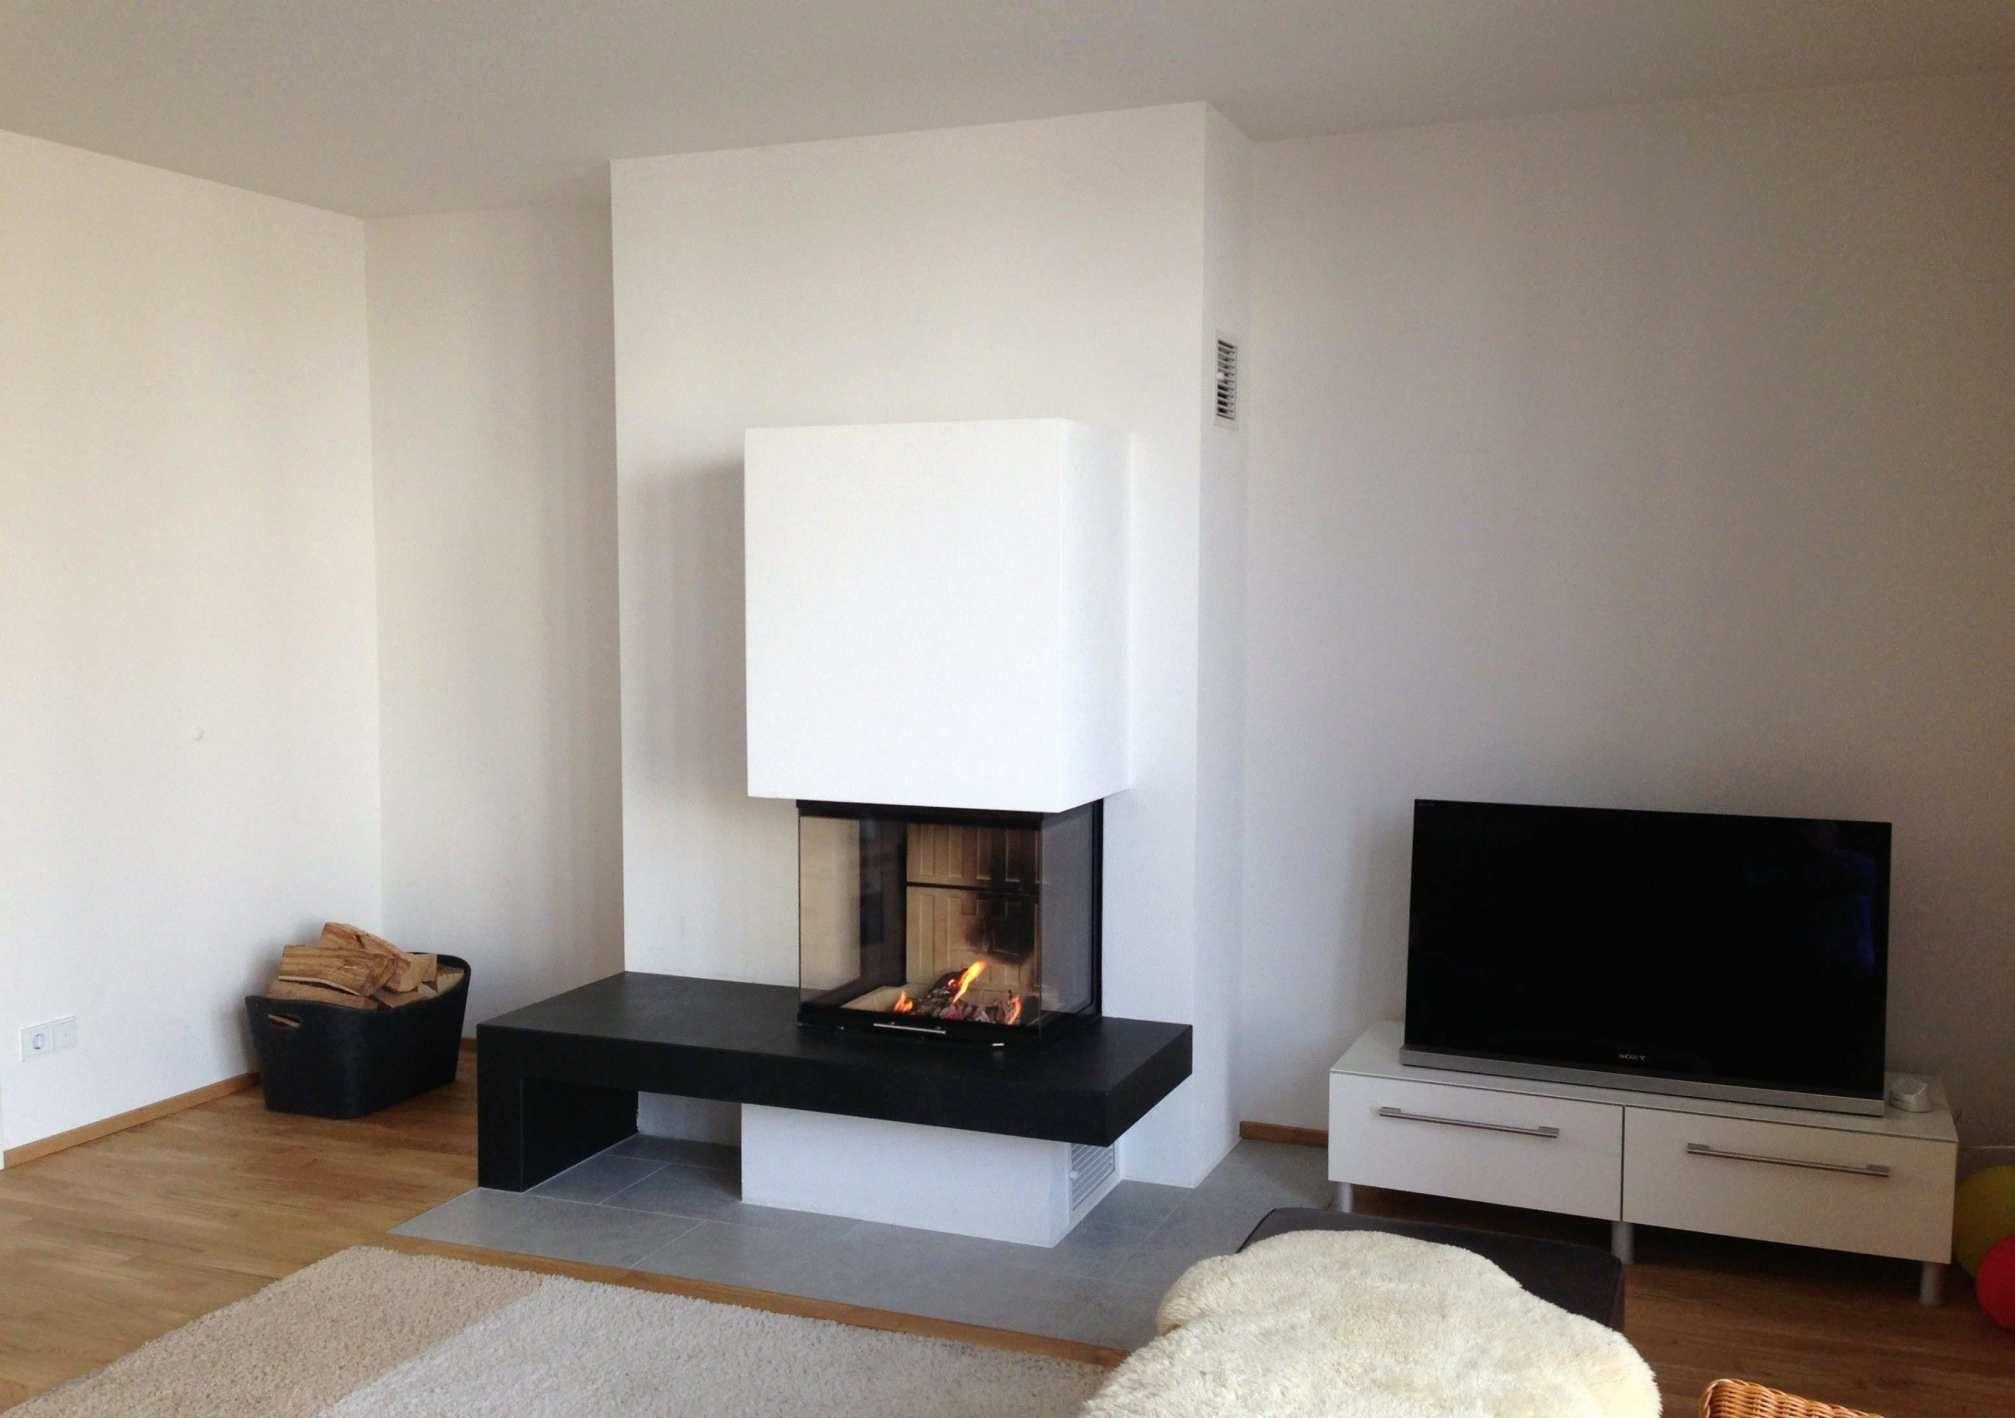 Elegant Fireplaces Lovely 11 Elegant Bild Von Kamin Hitzeschutz Möbel